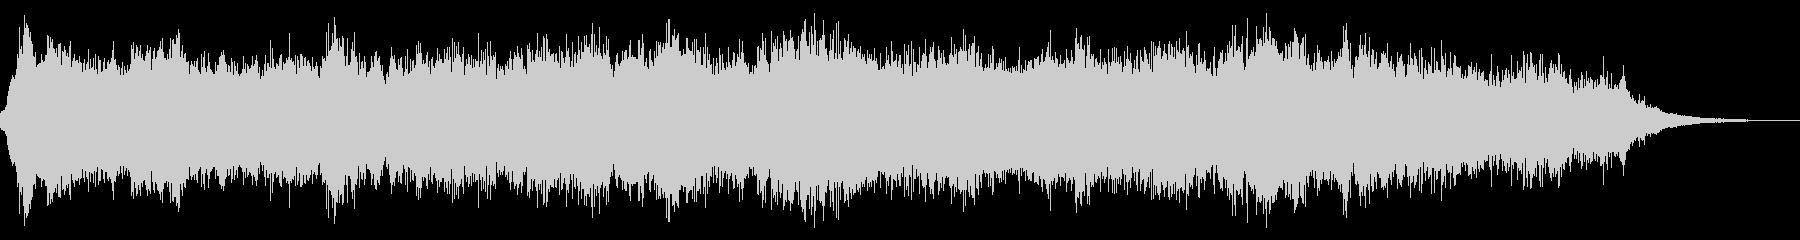 宇宙船の通信室の効果音の未再生の波形